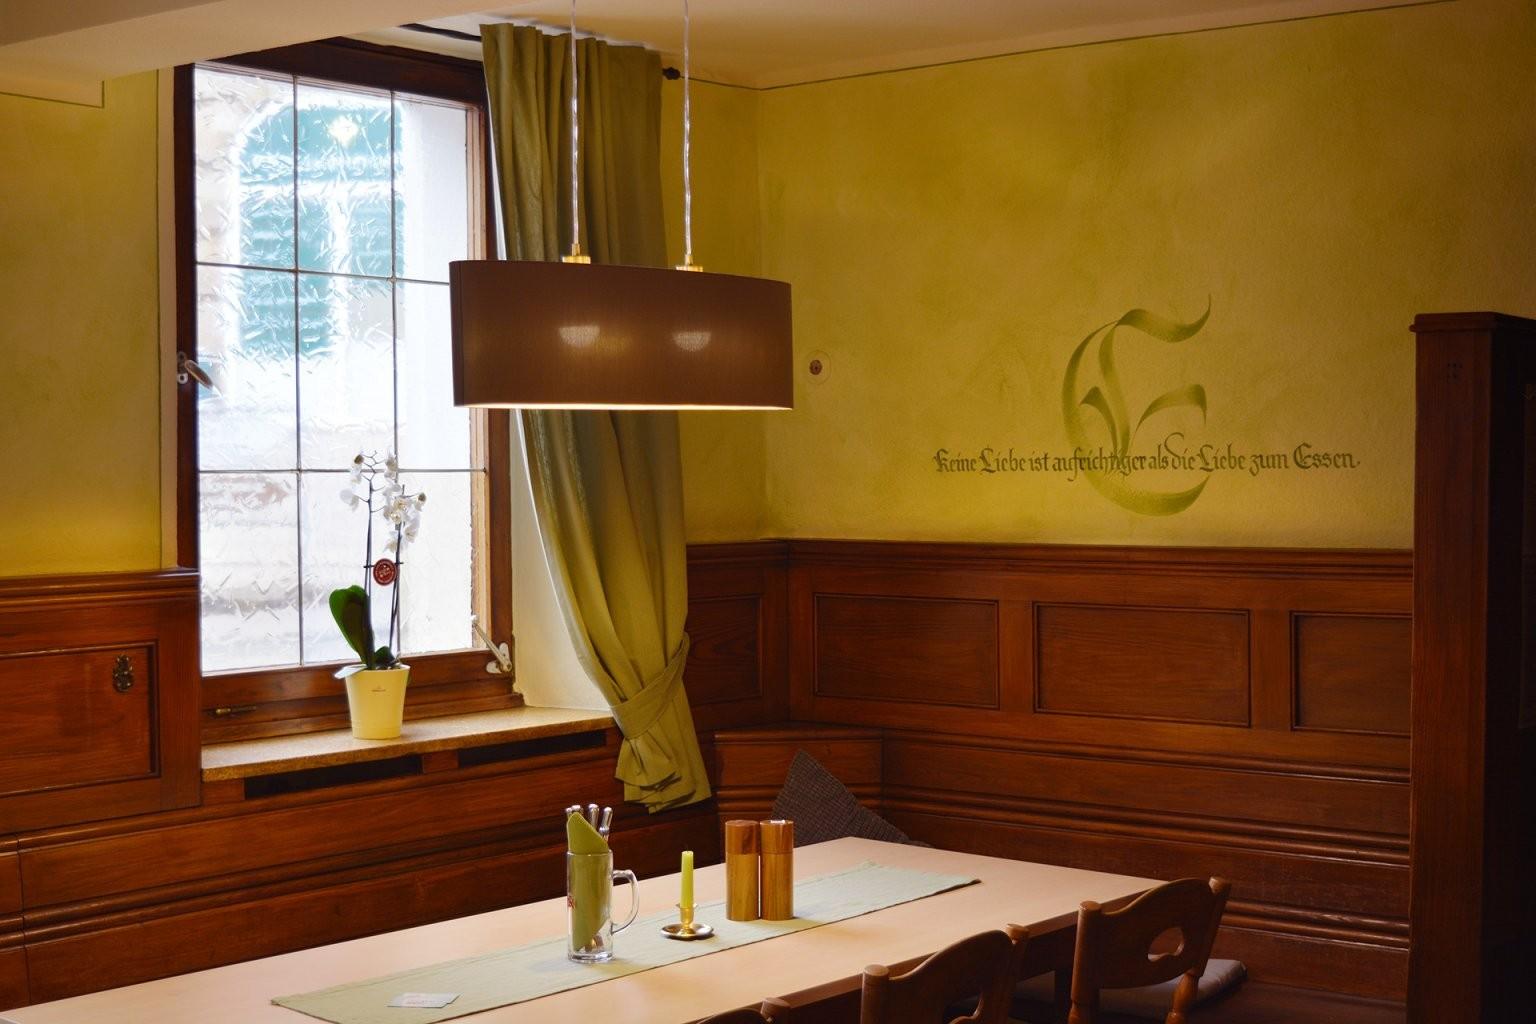 Goldener Löwe – Andrea Wunderlich von Gasthof Goldener Löwe Bayreuth Photo